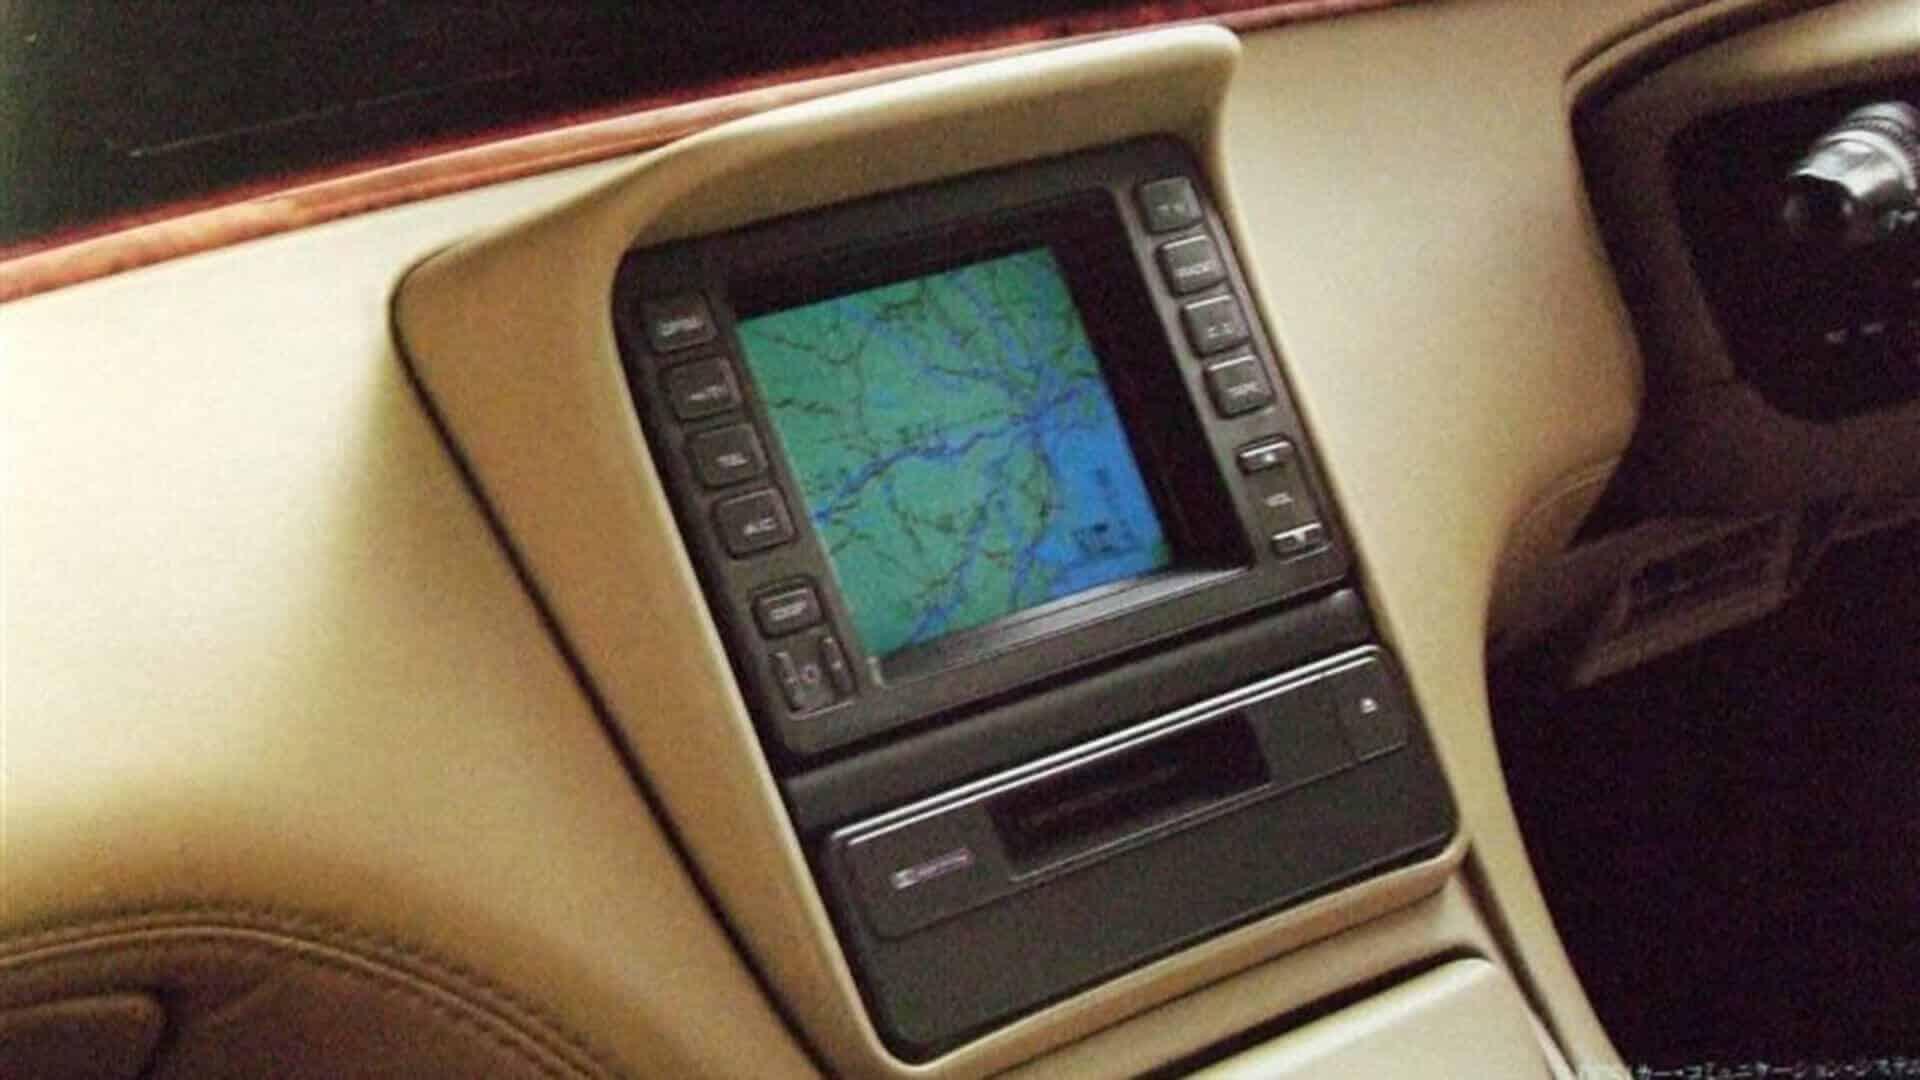 La historia del GPS: ¿cuál fue el primer fabricante en adaptarlo?